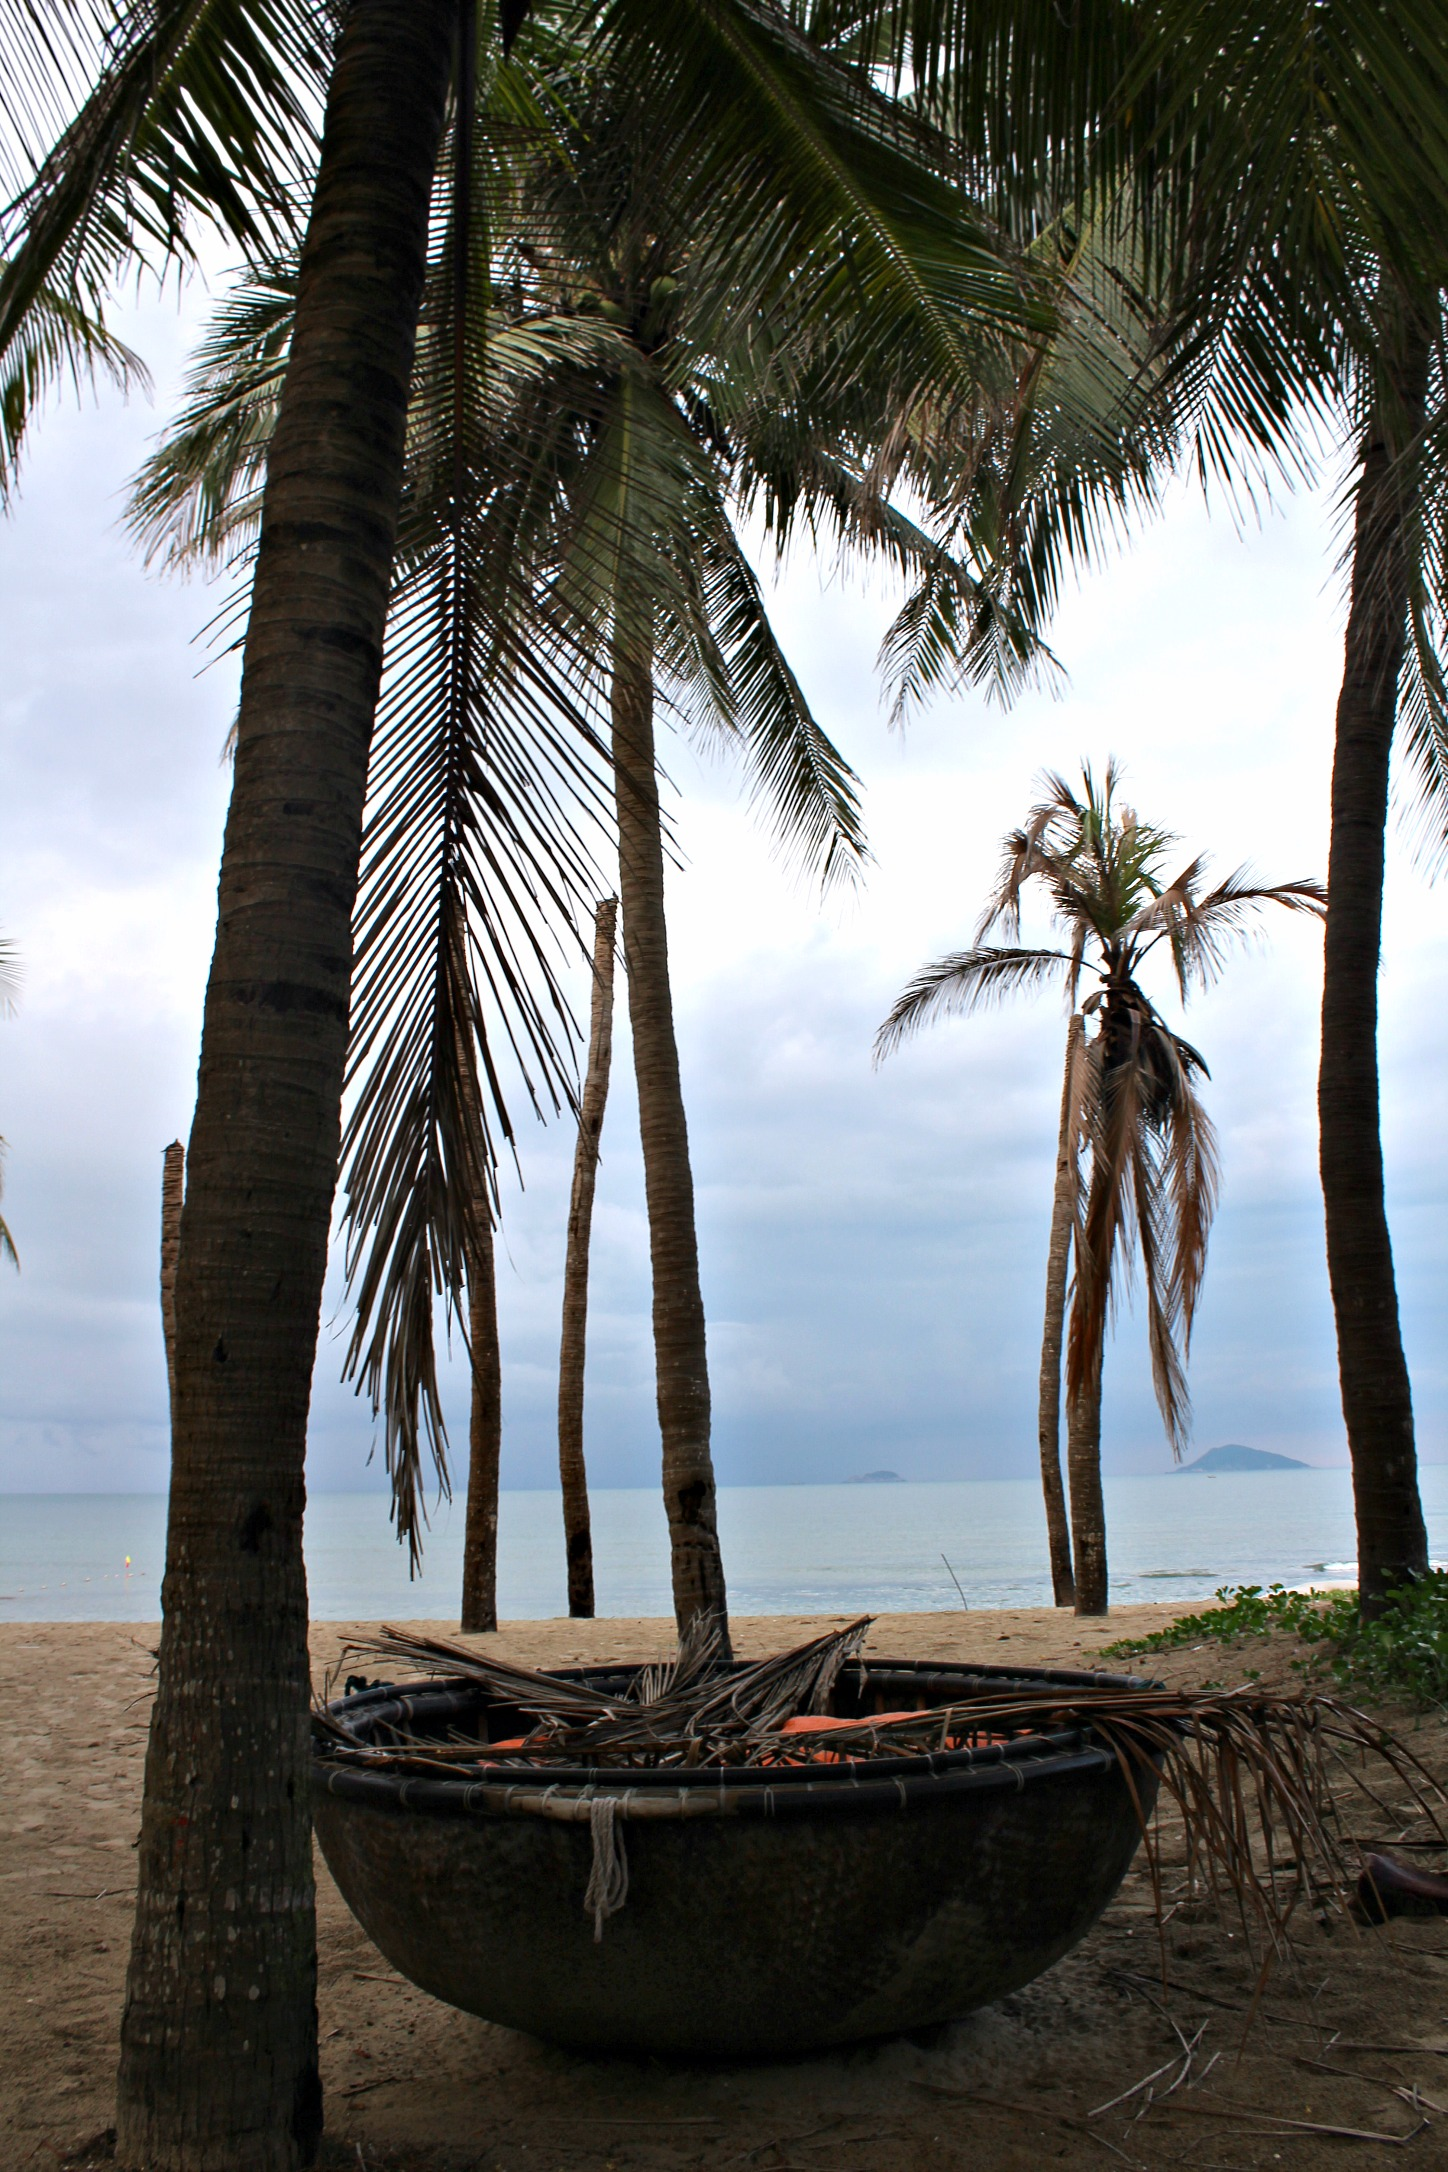 golden hour at Cua Dai Beach